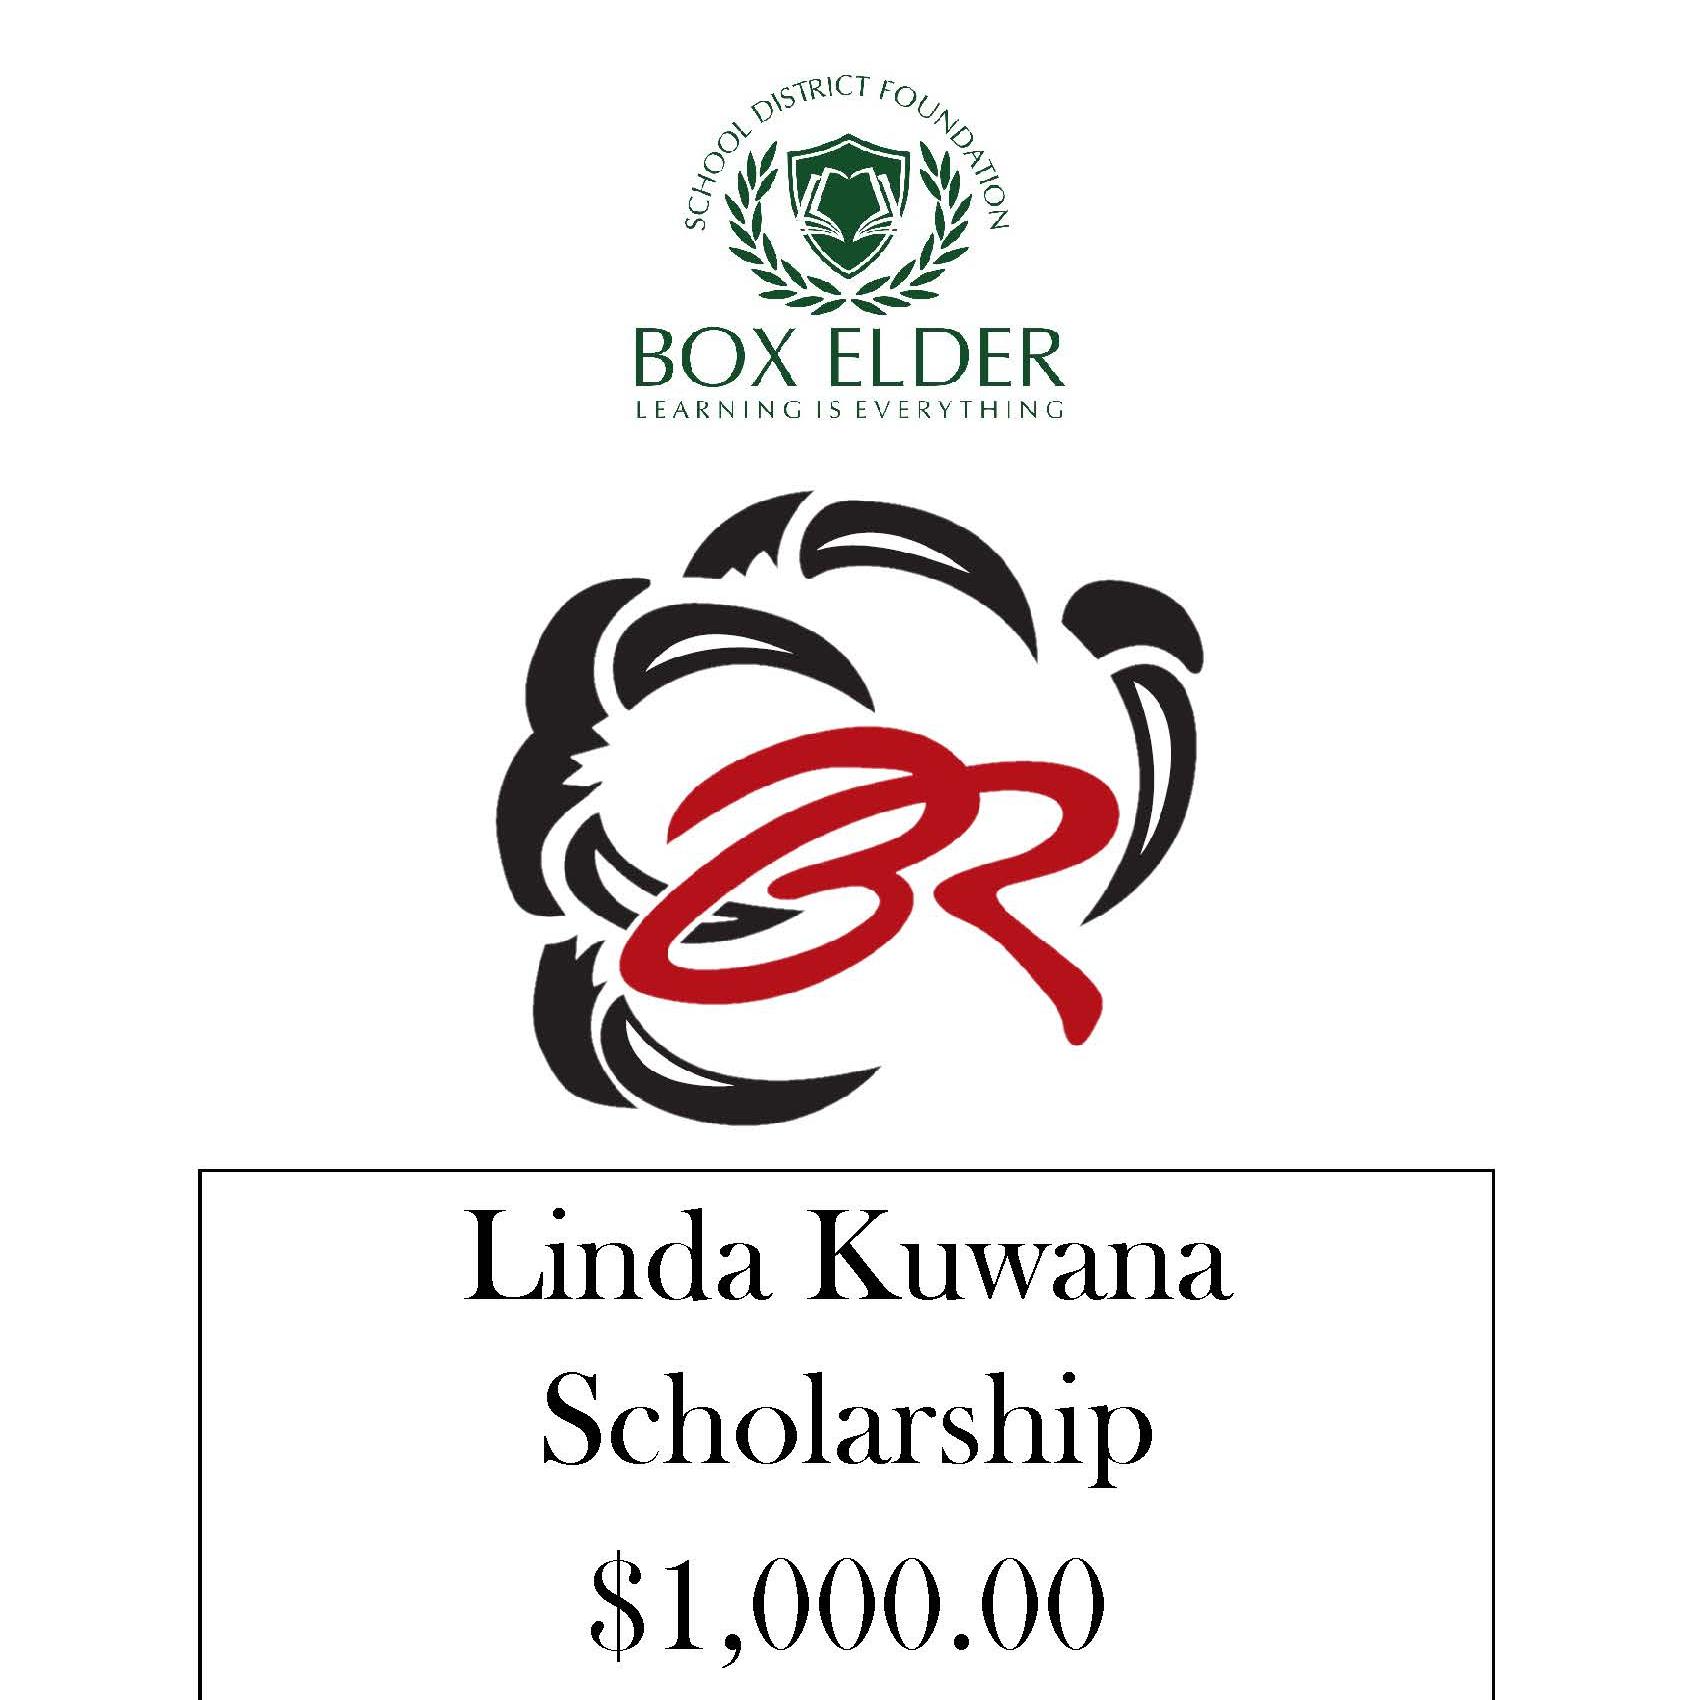 Linda Kuwana Scholarship